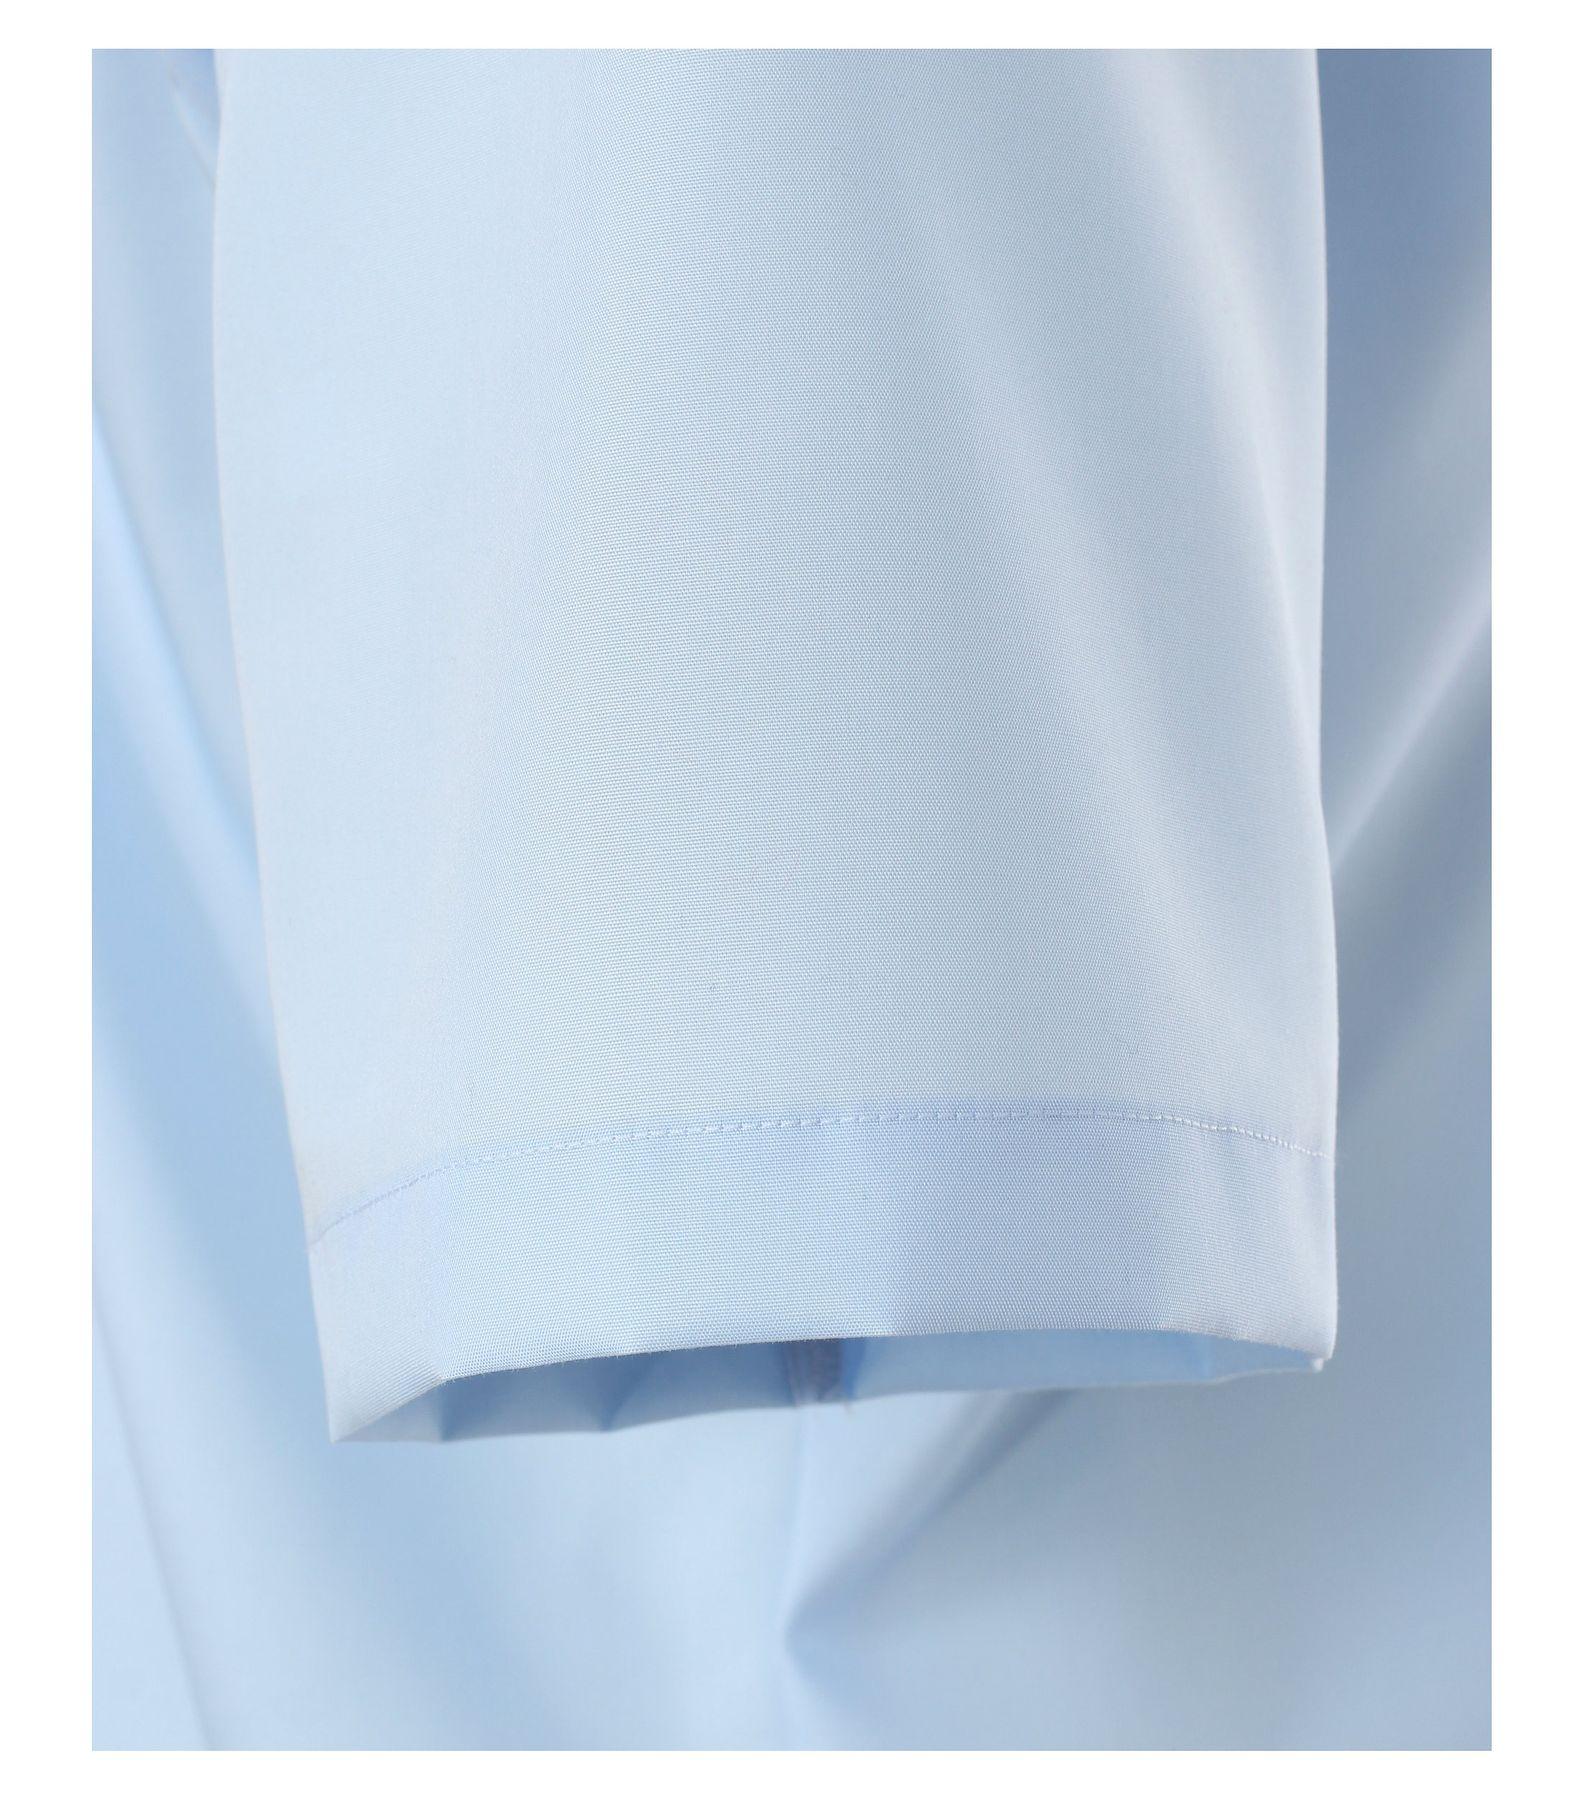 Casamoda - Modern Fit - Bügelfreies Herren kurzarm Hemd in verschiedene Farben (008570) – Bild 14